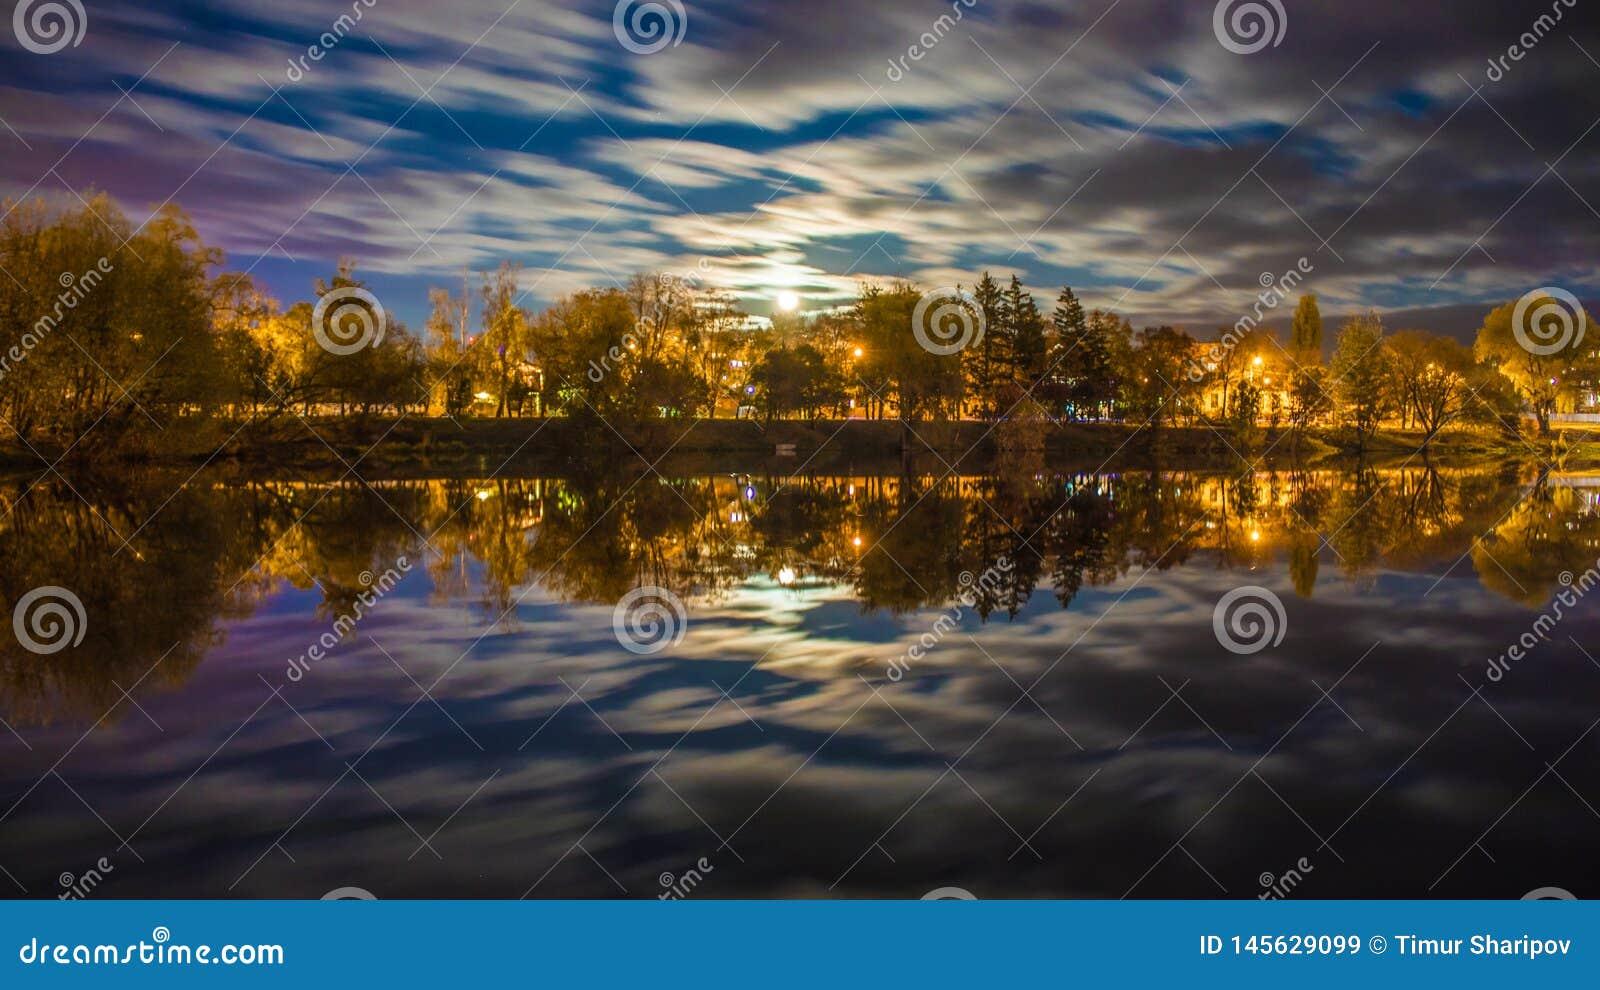 Paysage de nuit au-dessus de rivière avec des arbres allumés par des lumières et des nuages de ville dans le mouvement